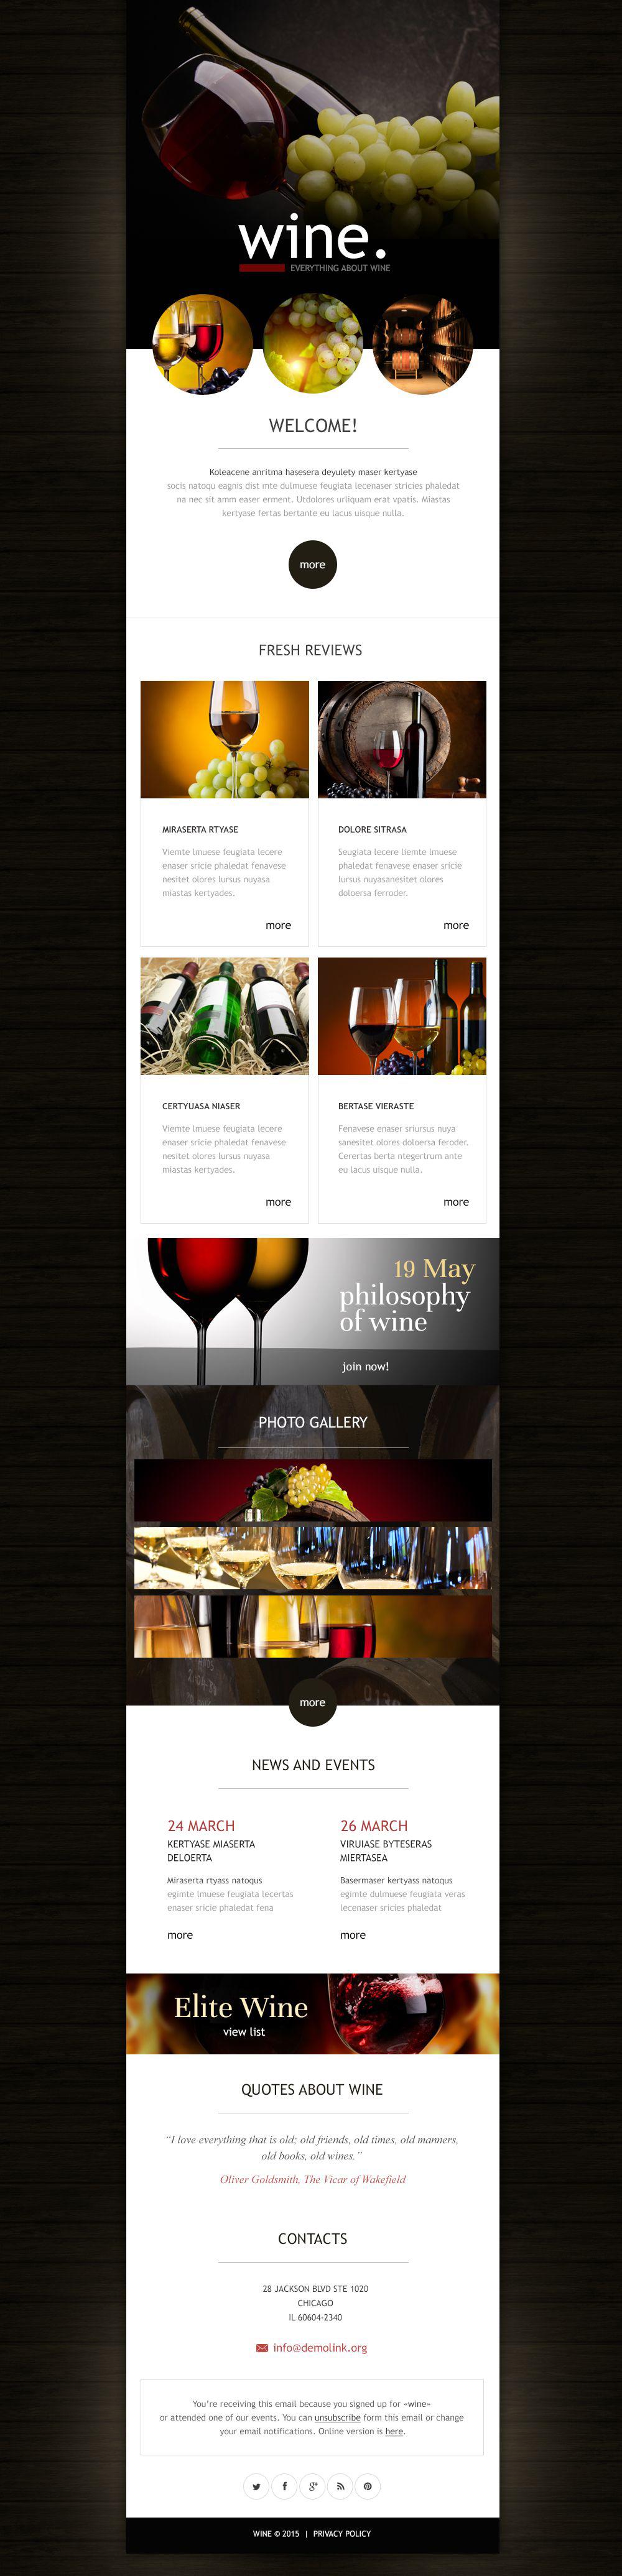 Template de Newsletter Flexível para Sites de Vinho №53029